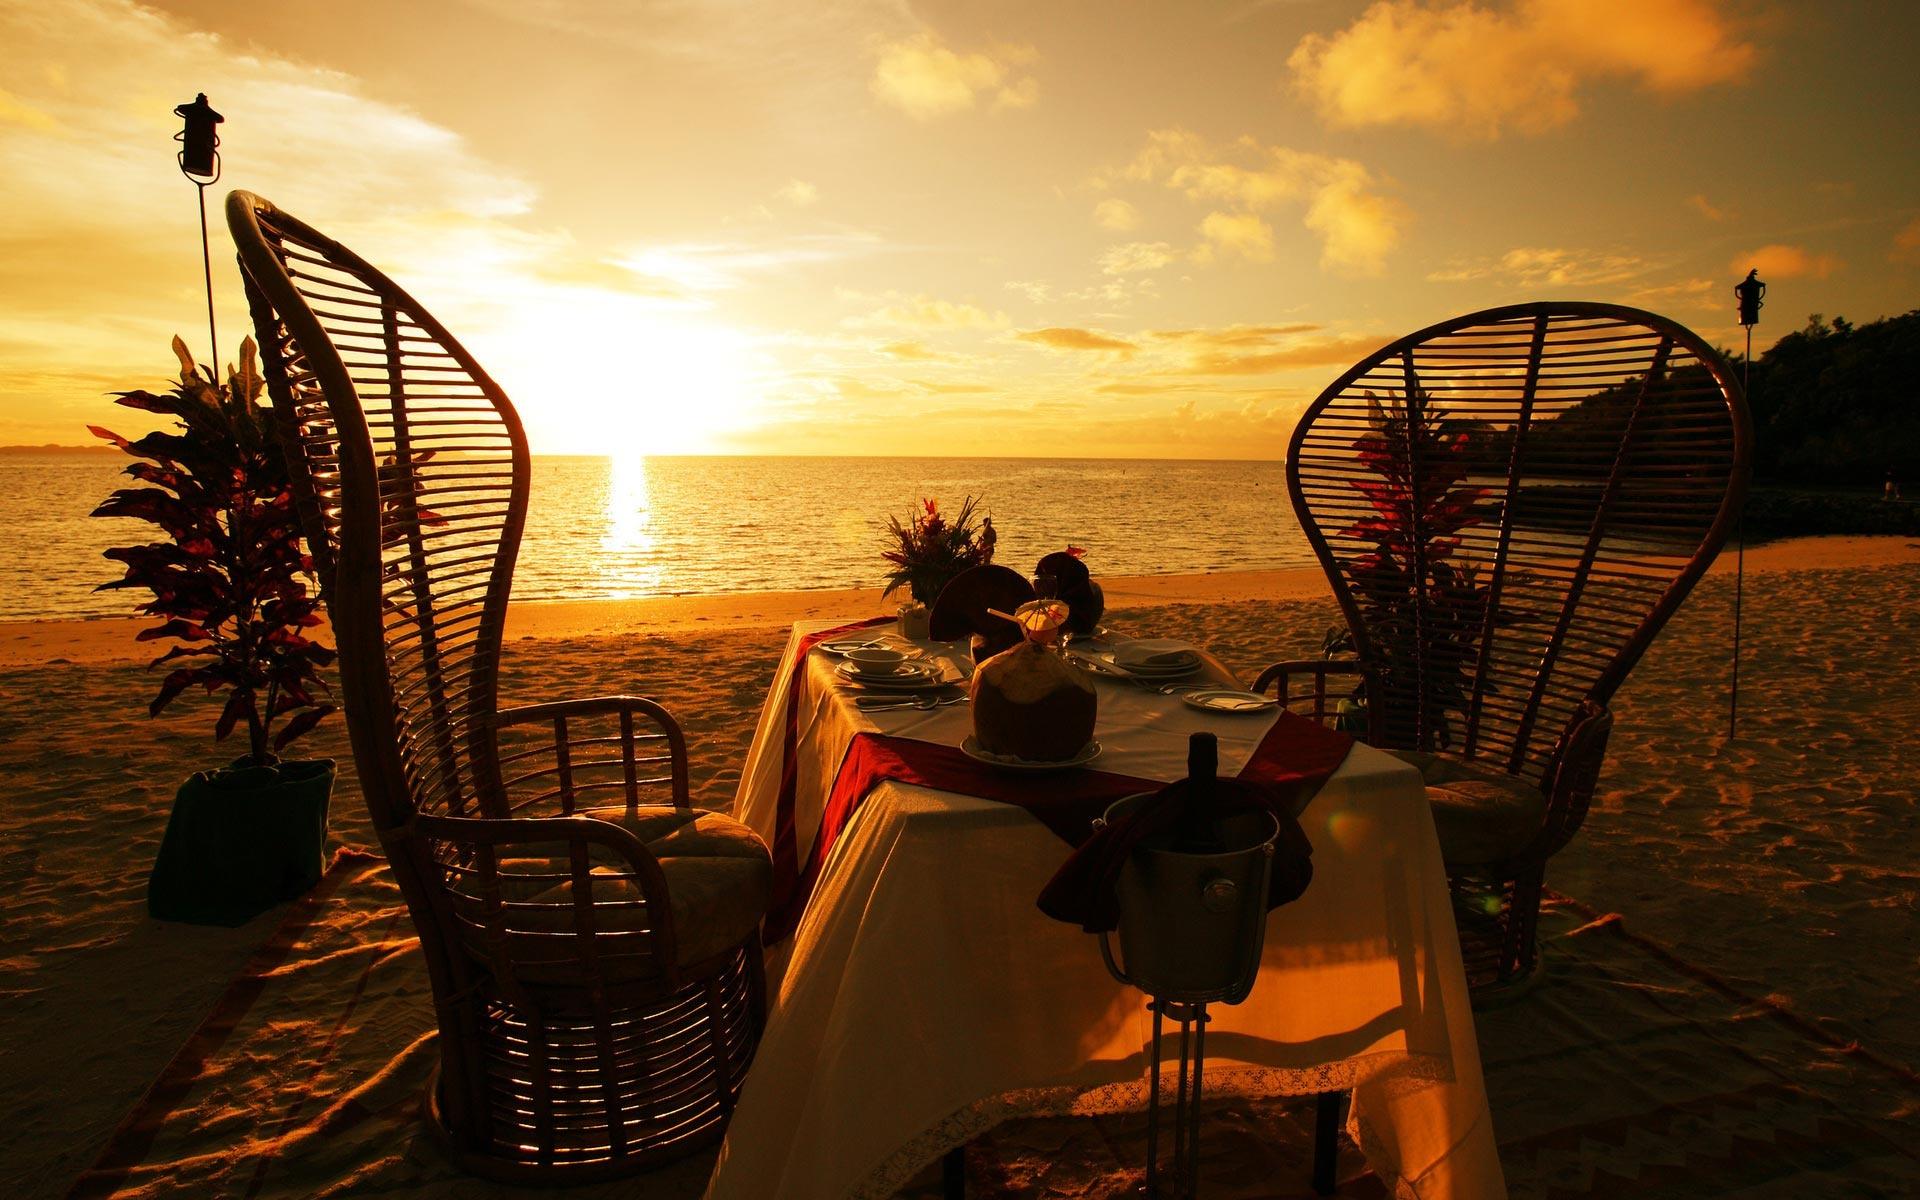 """S týmto západom slnka sa na romantickú vlnu dostaneme ľahúčko. Zlatisté teplé odtiene svetla na vodnej hladine na chvíľu obmäkčia aj tých najzarytejších realistov. No netreba všetko nechať len na fascinujúce prírodné úkazy: pekne prestretý stôl a zaujímavý dizajn stoličiek prinesú exotiku kamkoľvek. Pár takýchto kúskov sa nájde aj na našich vnútrozemských terasách. Už vám nič nebráni, aby ste sa cítili ako v obrovskej """"pletenej"""" mušli..."""